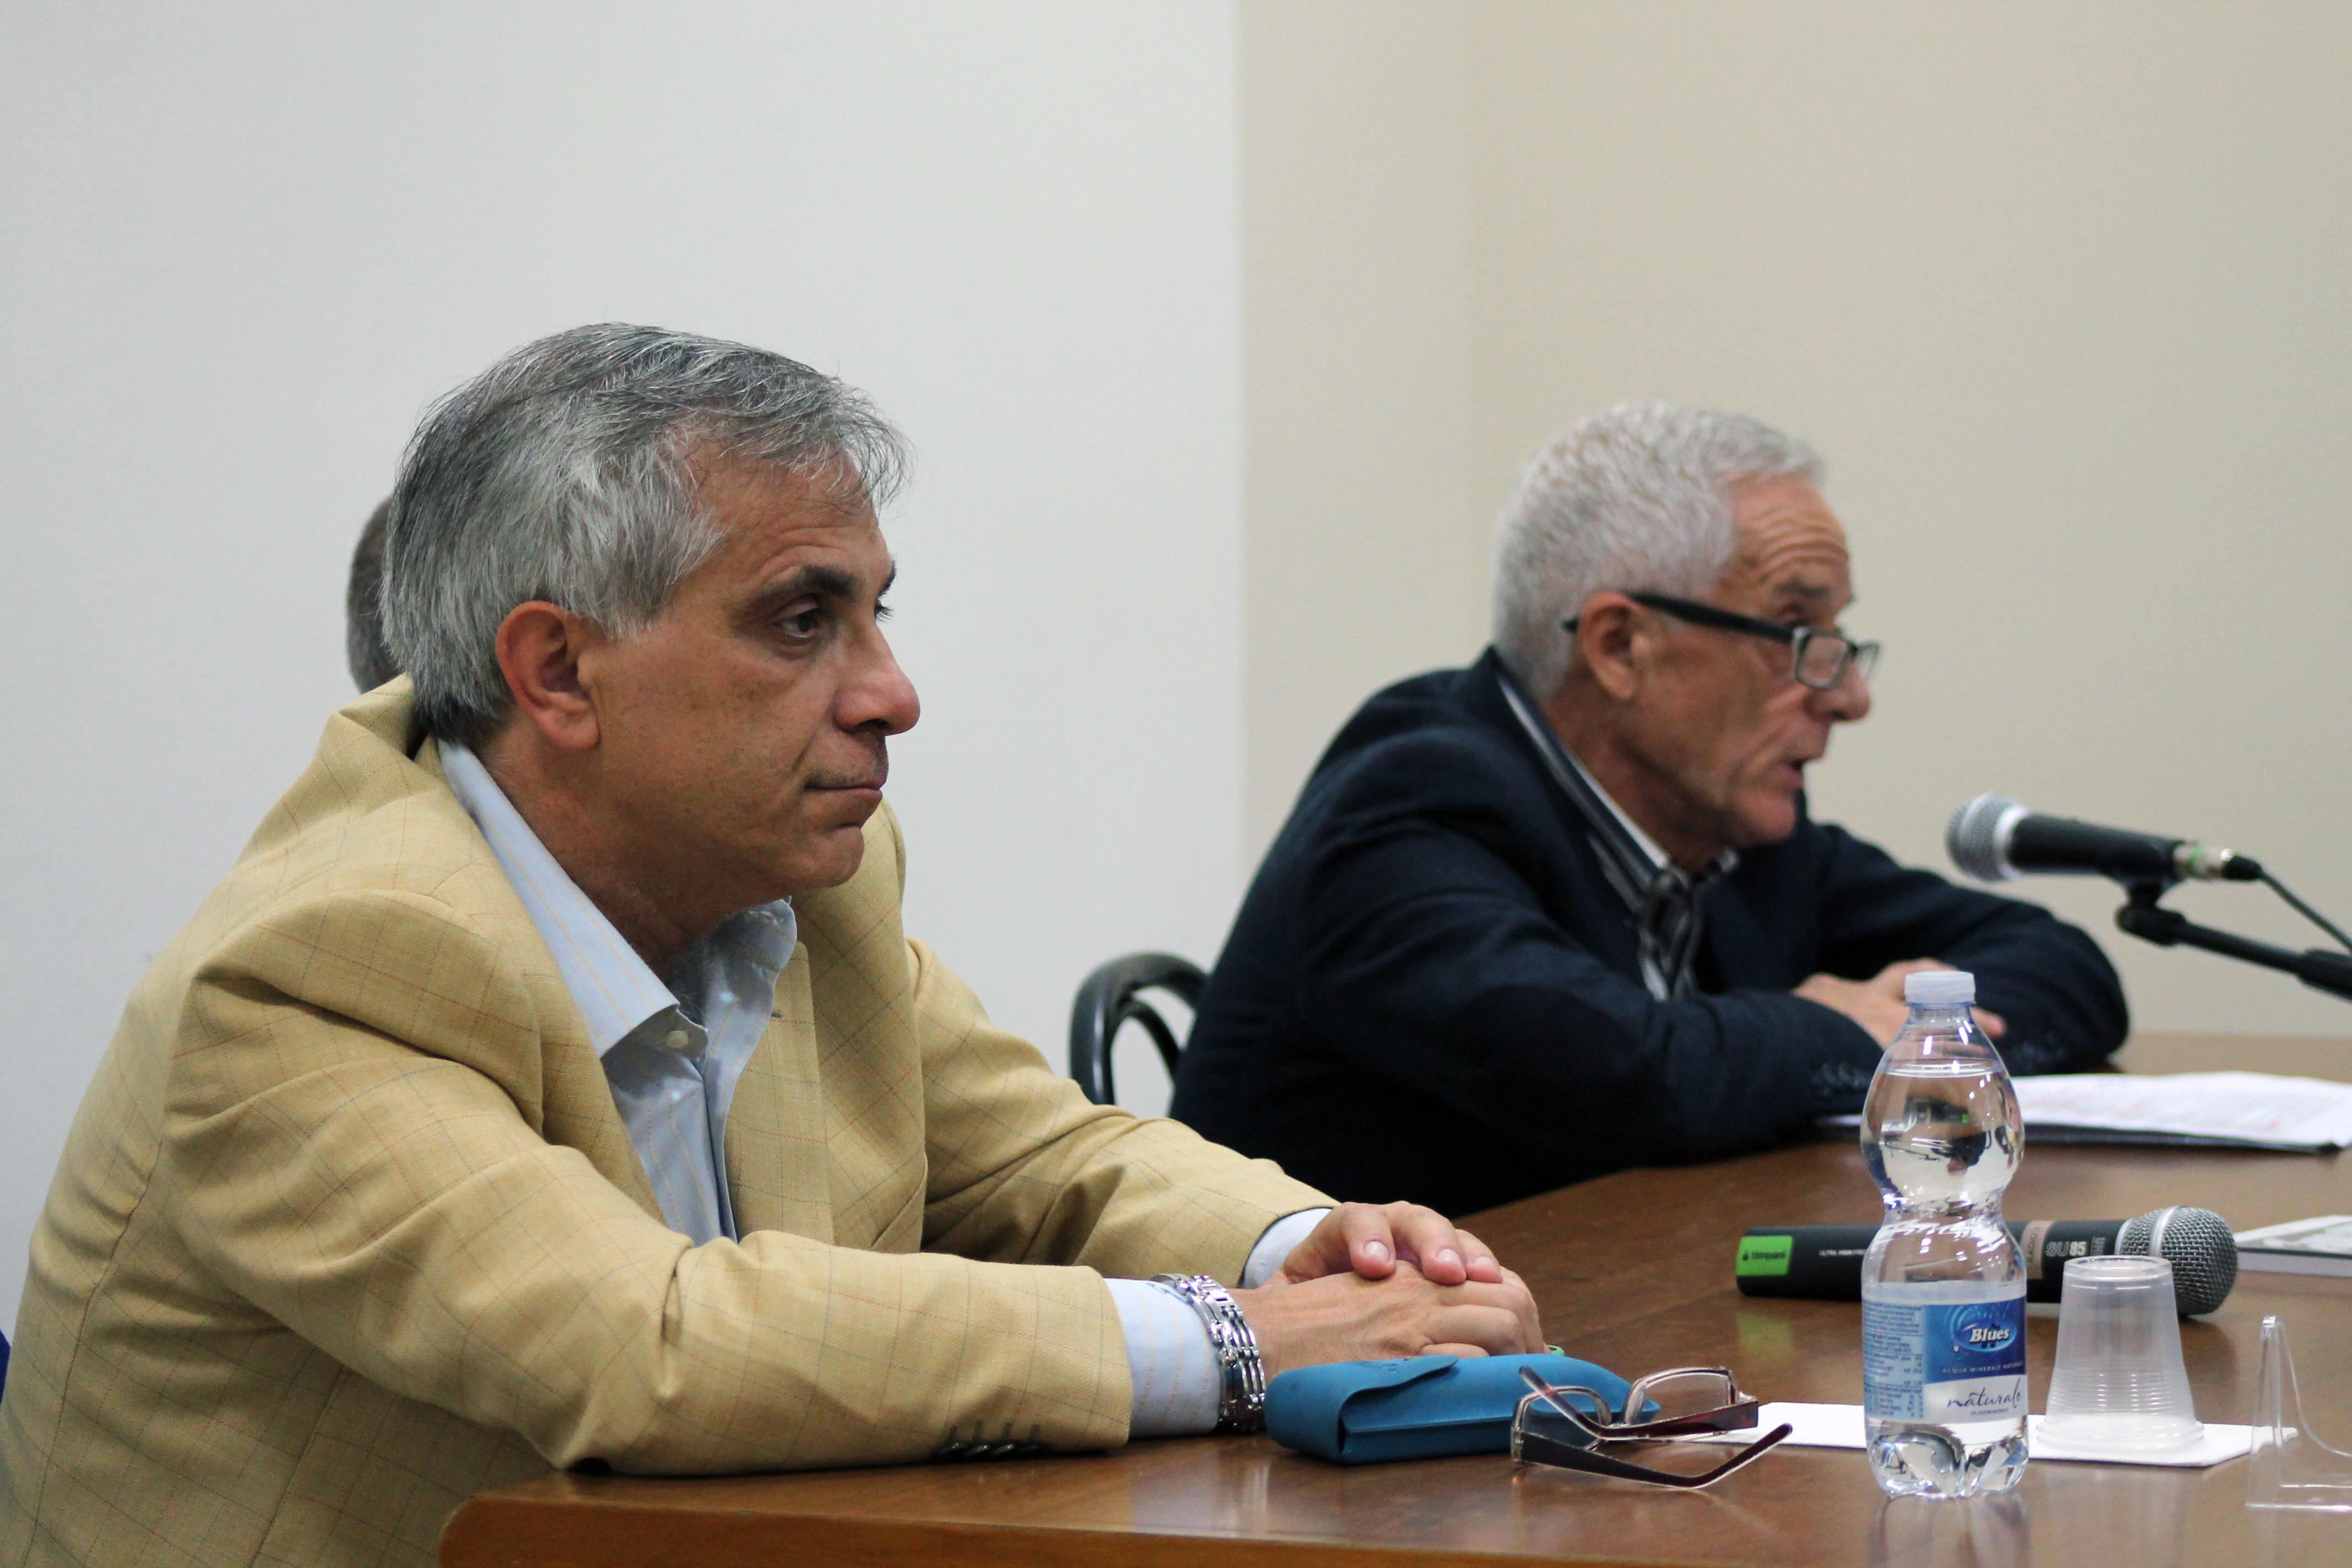 """Presentazione """"L'opera salesiana a San Severo"""" di Camillo Antonio Rago"""